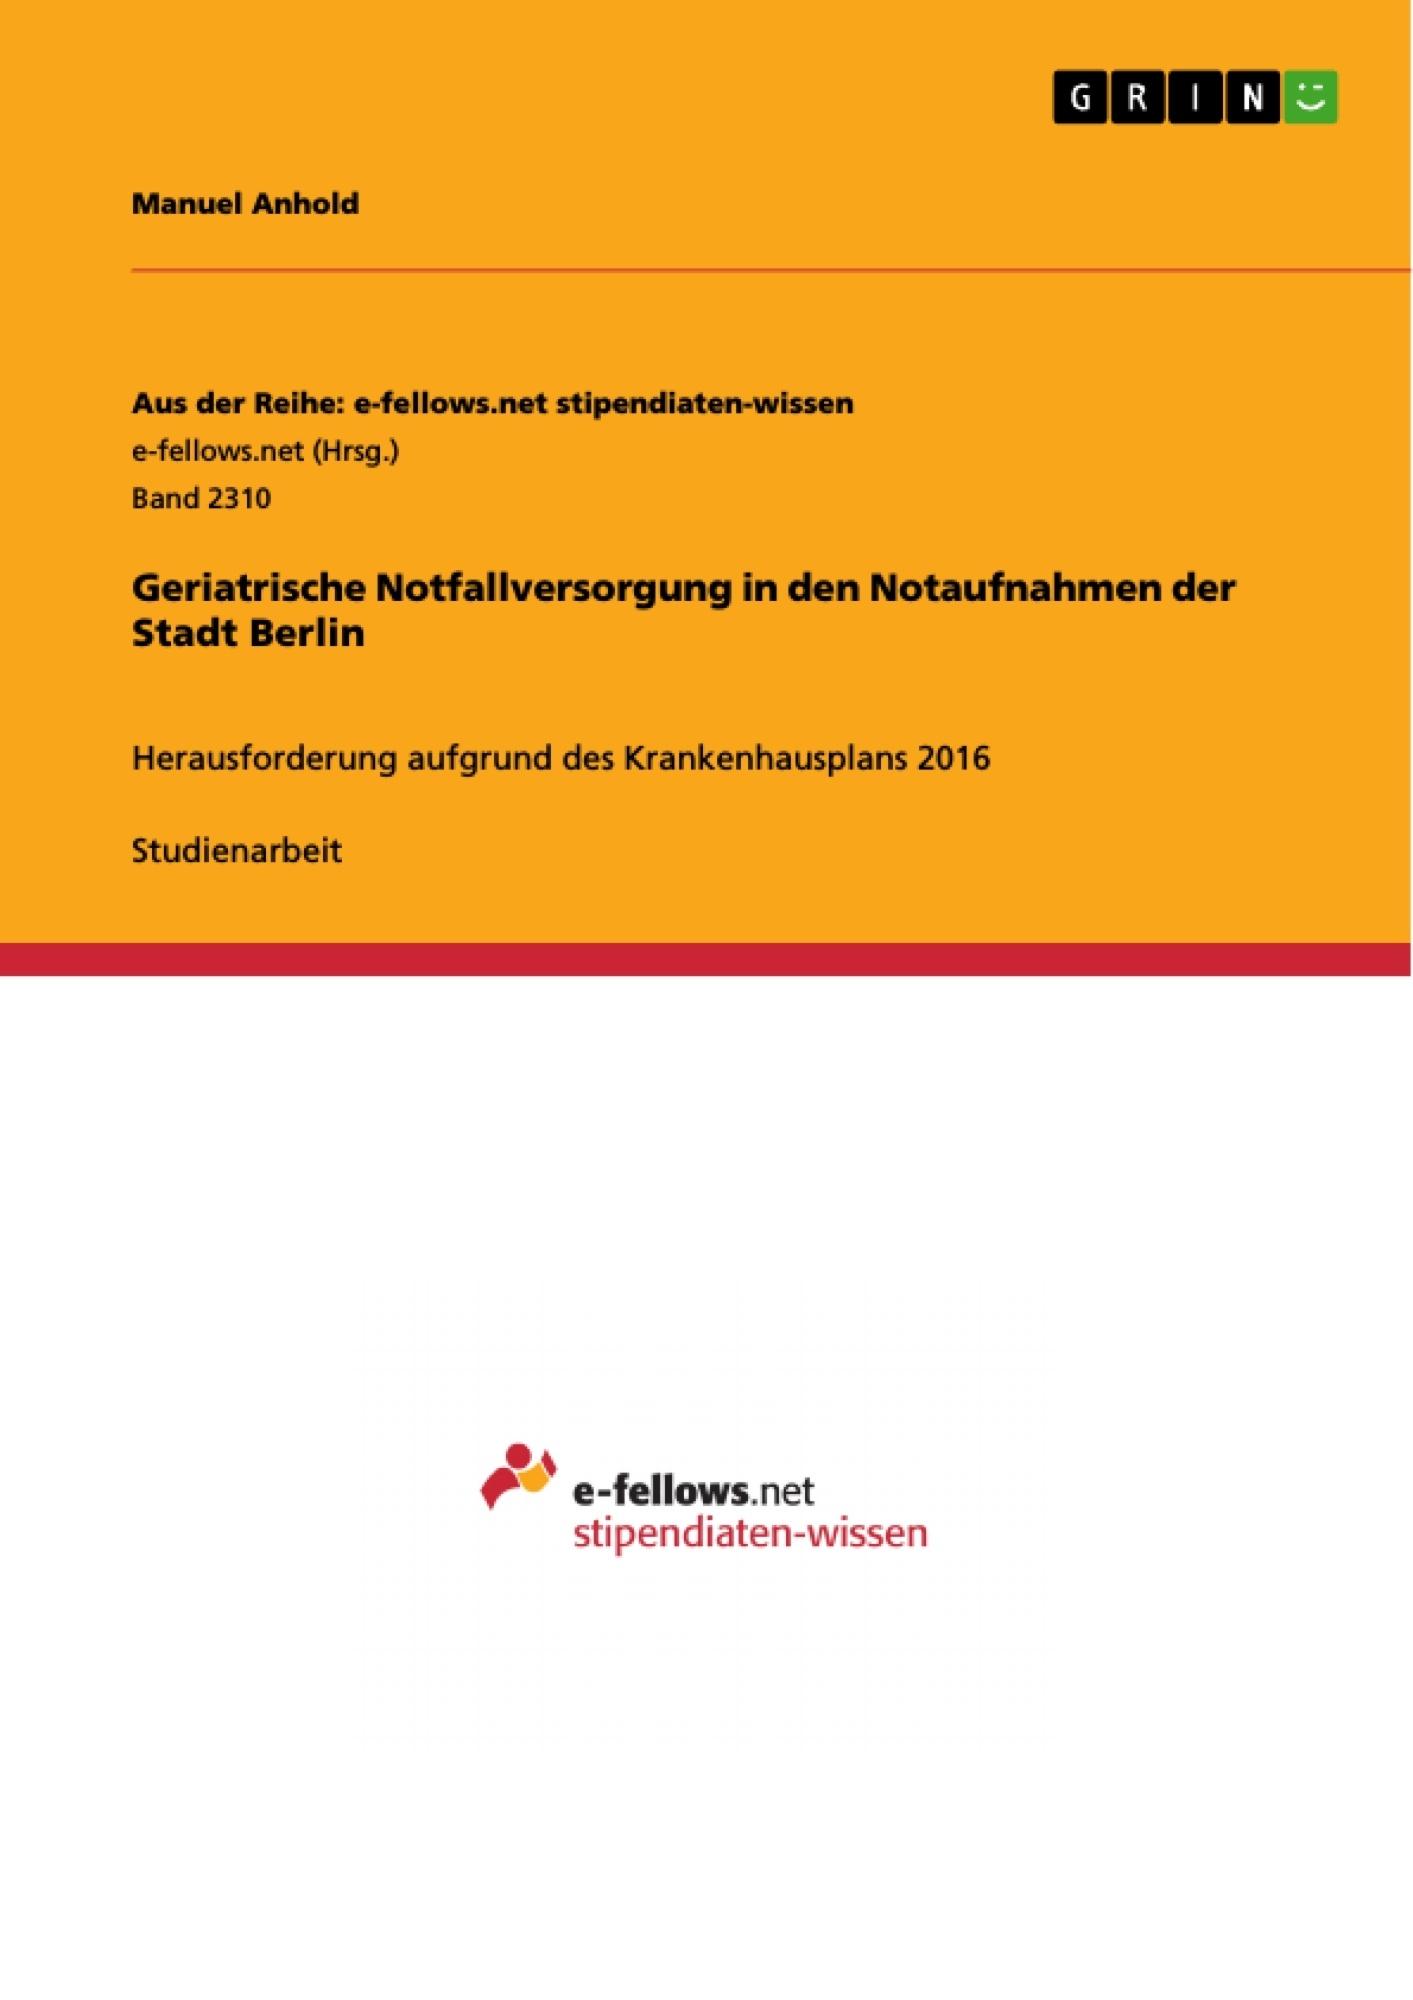 Titel: Geriatrische Notfallversorgung in den Notaufnahmen der Stadt Berlin